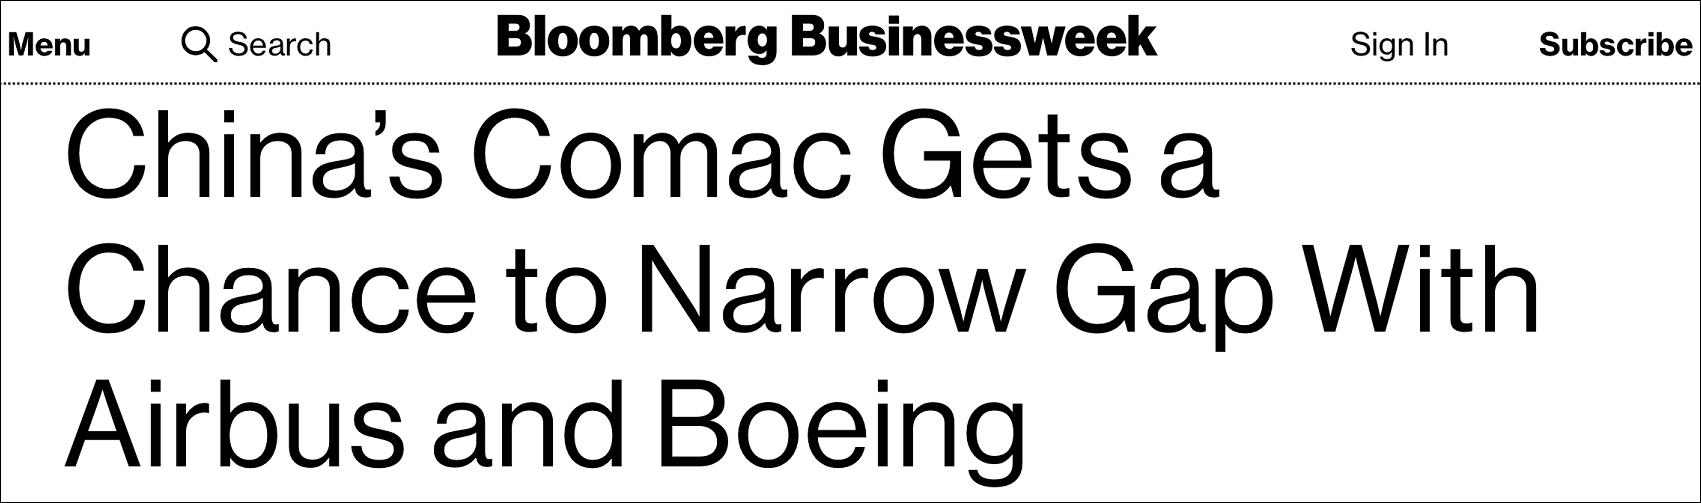 美媒:中国商飞目前拥有和波音空客缩小距离的良机